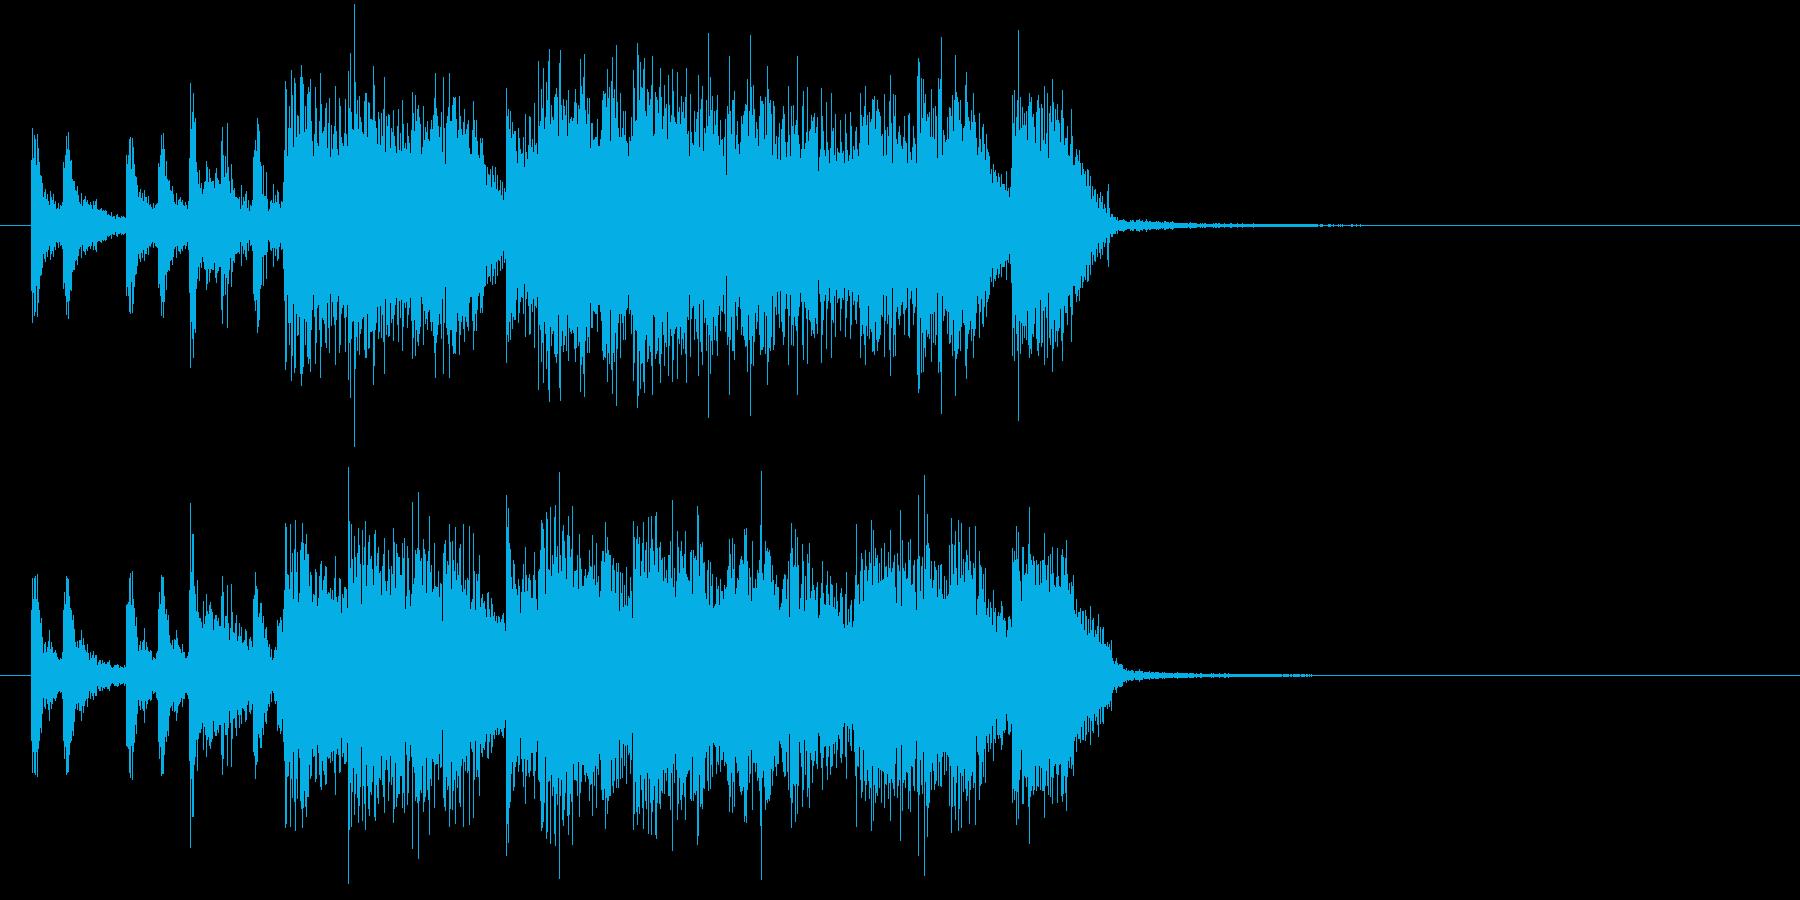 ブラスとバンドサウンドのジングルの再生済みの波形